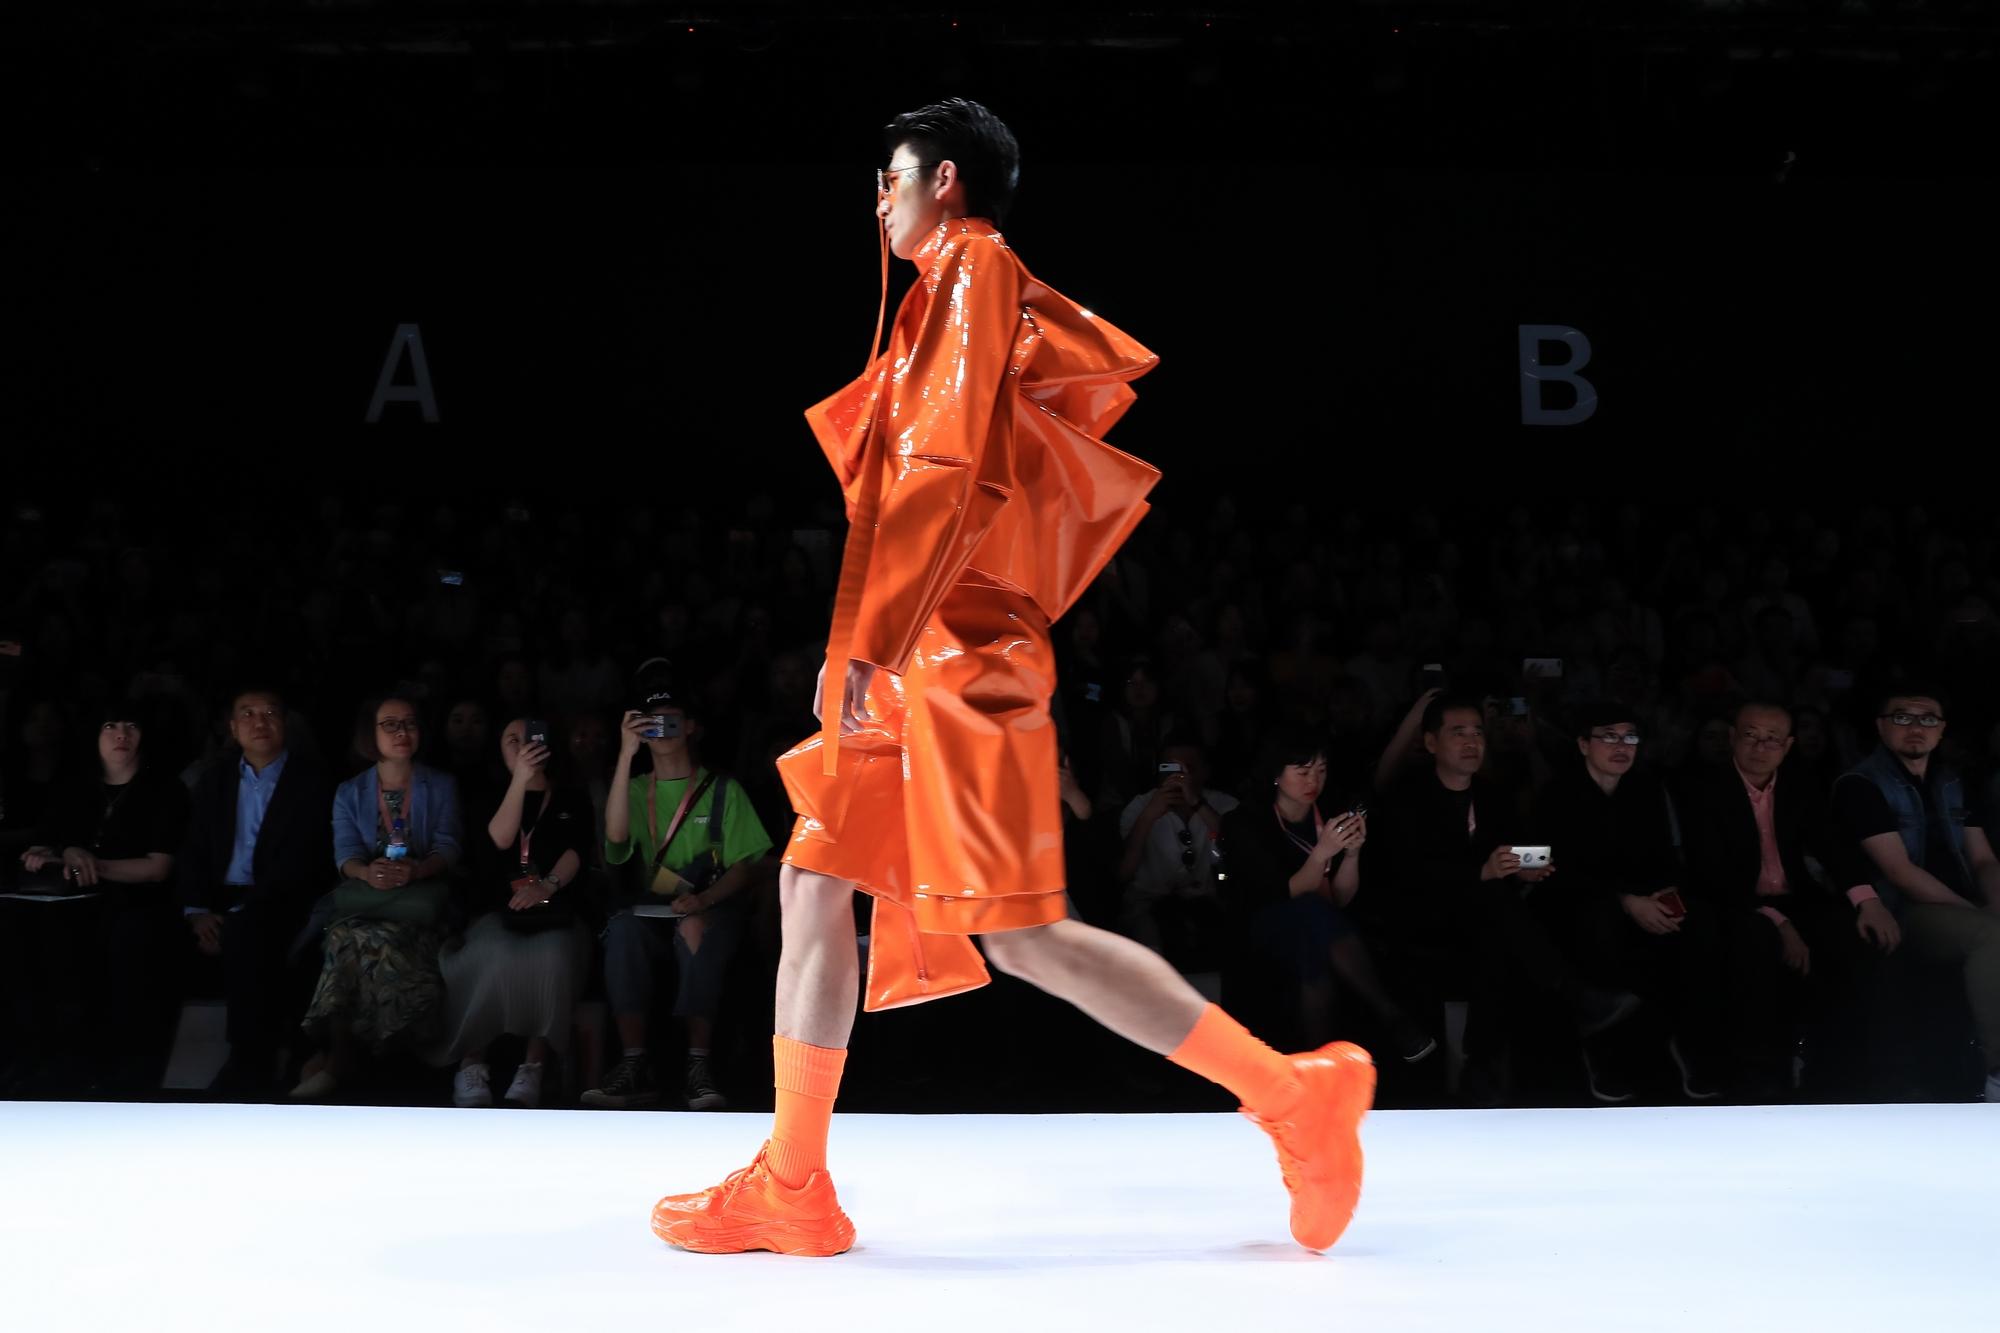 四川美术学院设计艺术学院服装设计作品亮相2019中国国际大学生时装周